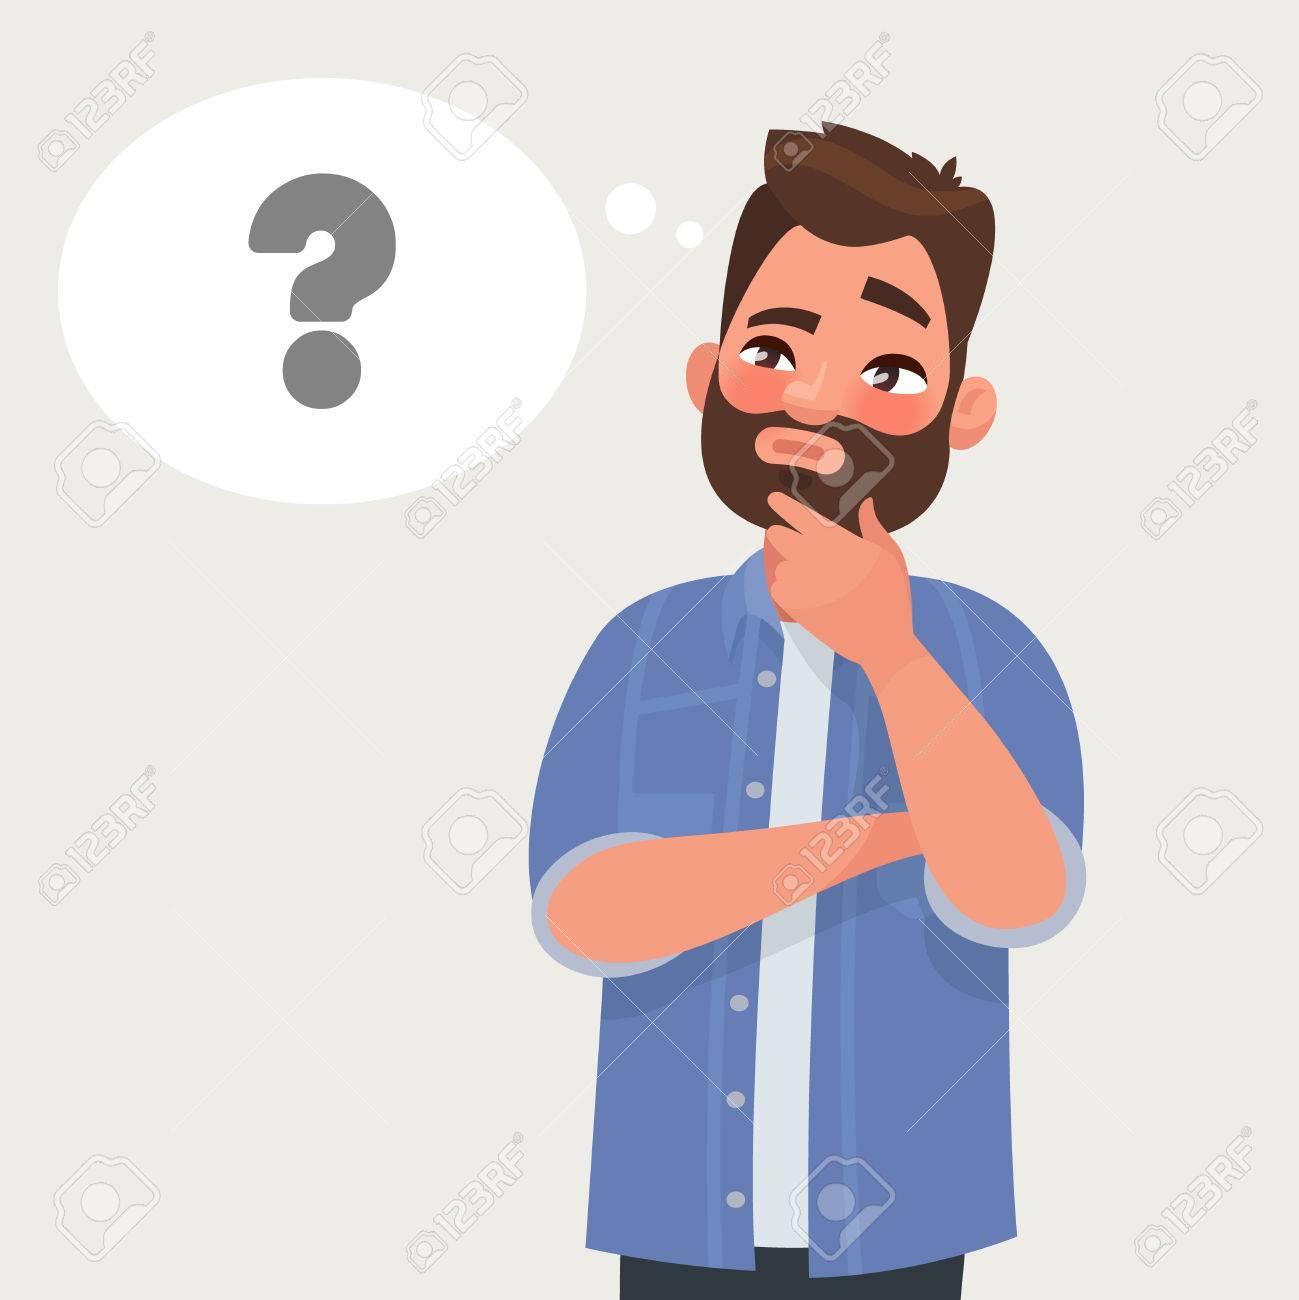 El Hombre Está Pensando Signo De Interrogación Ilustración